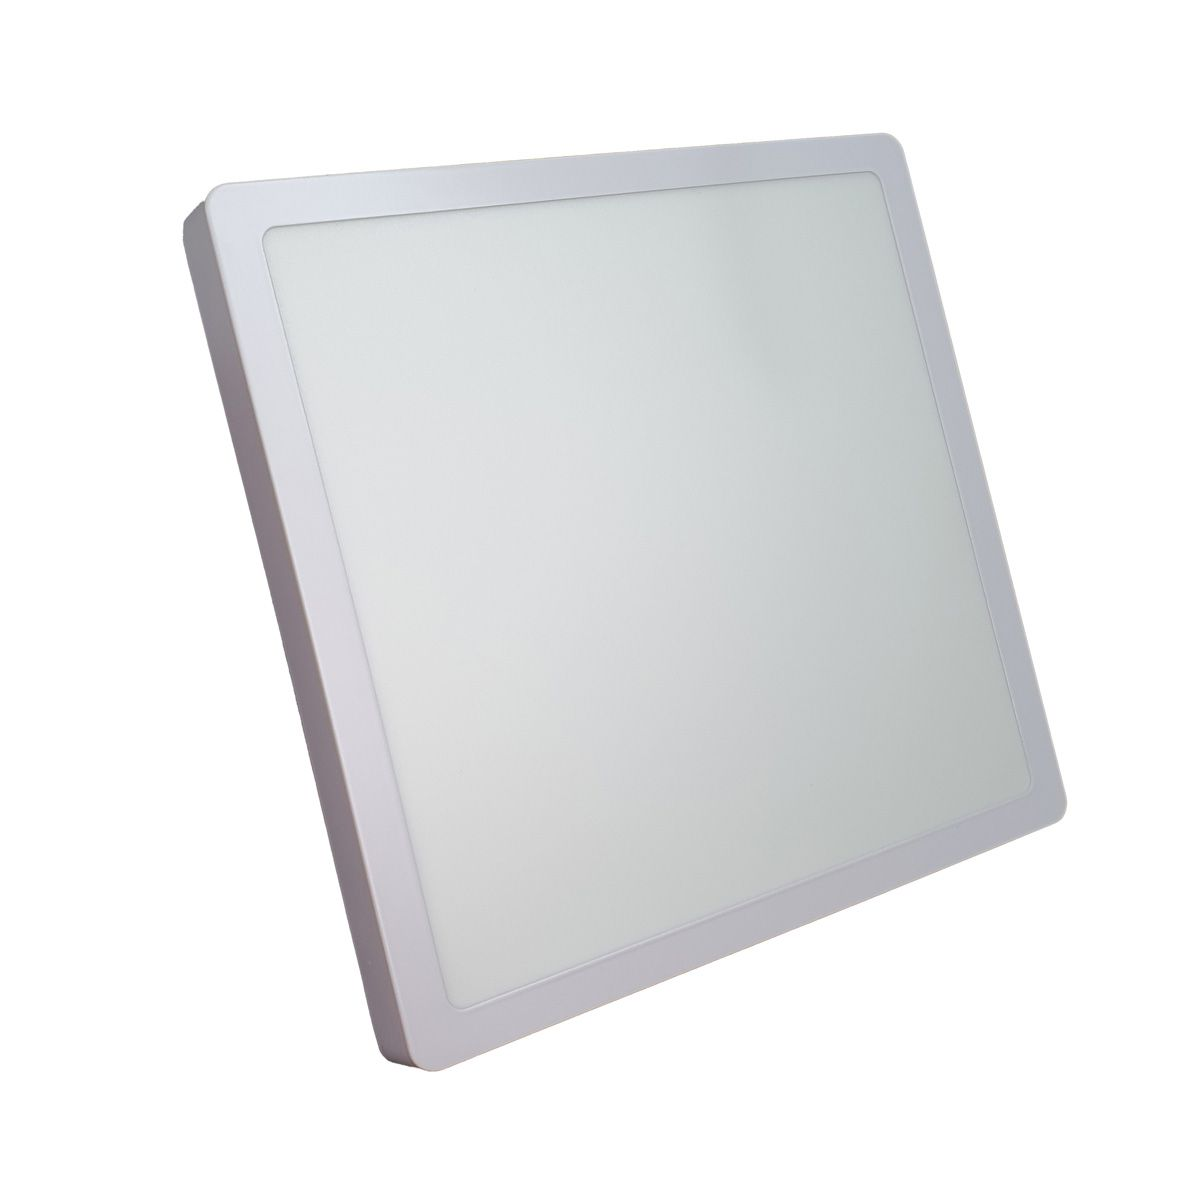 Painel Plafon Led 24w Quadrado Luminaria Sobrepor Branca Luz Quente